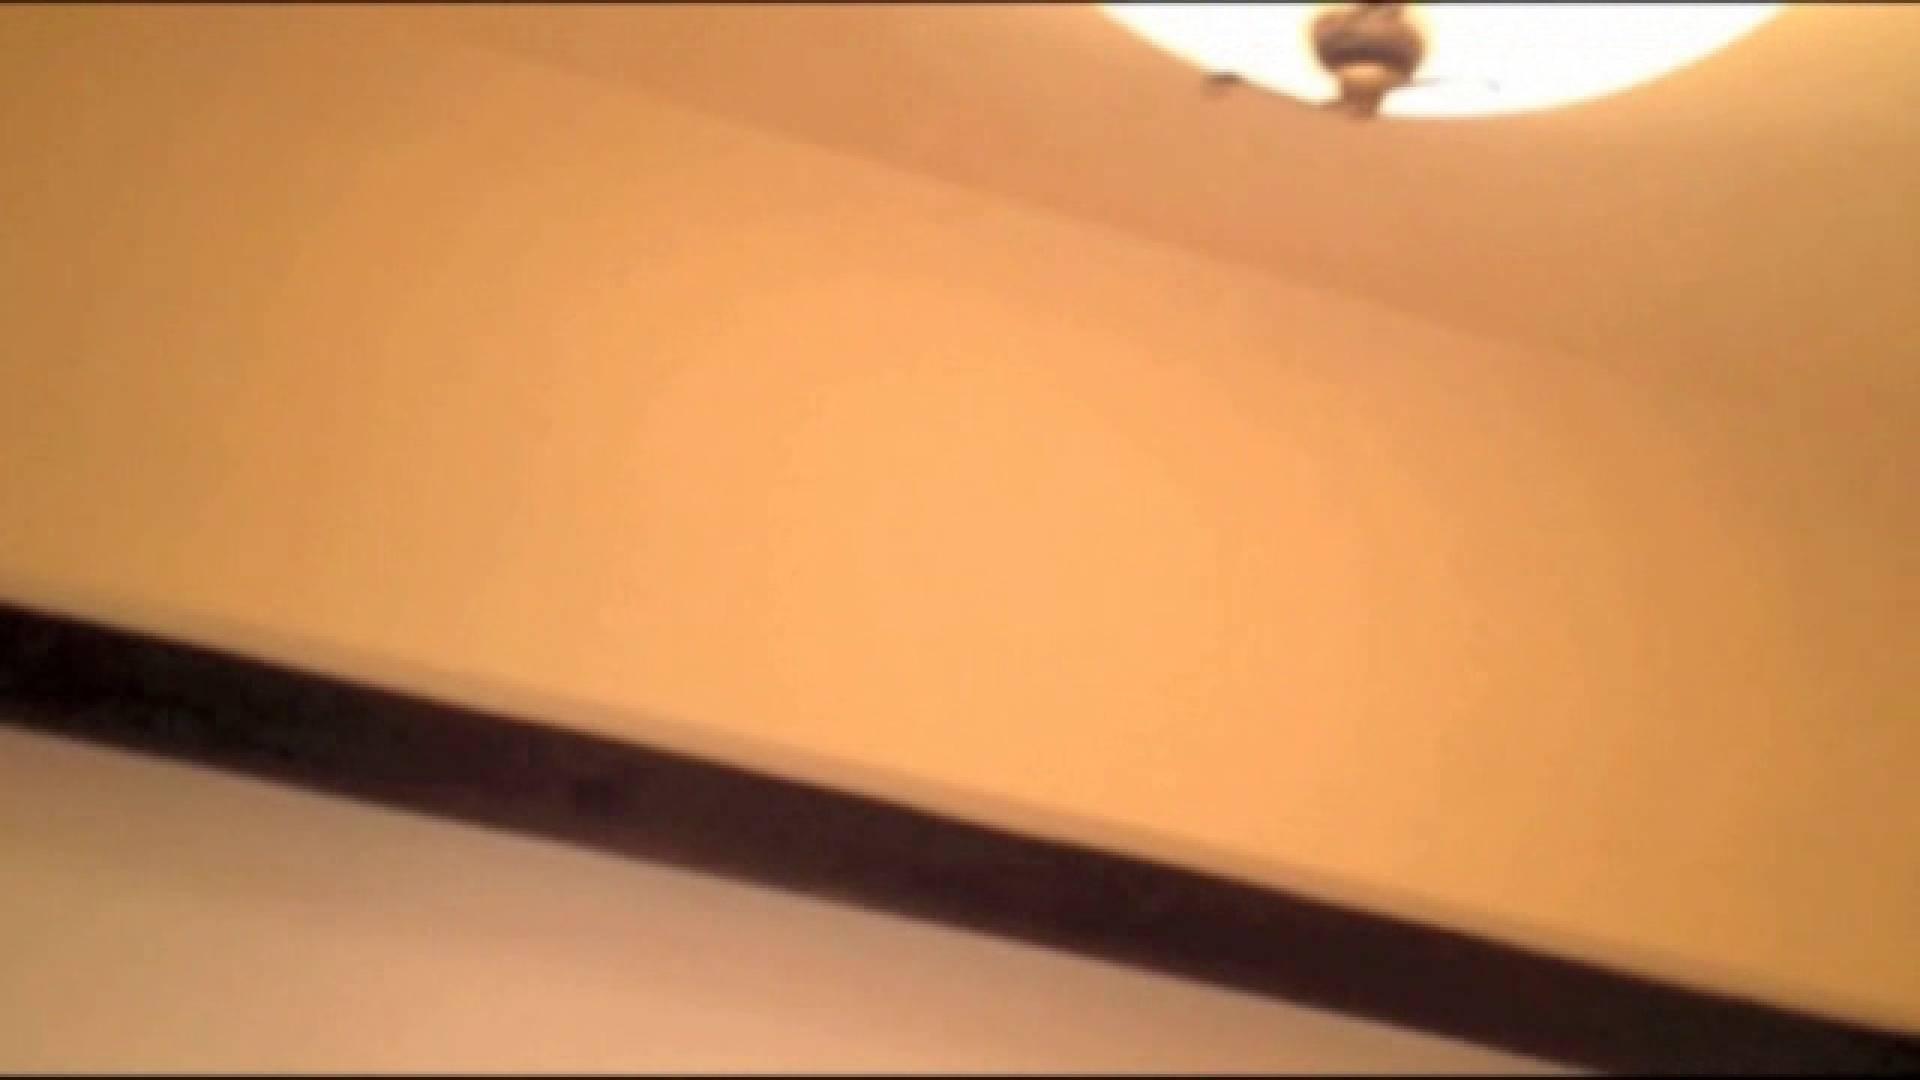 ドラゴン2世 チャラ男の個人撮影 Vol.06 超かわいい彼女 ゆいか 18才 Part.03 ついにハメ撮り エッチ のぞきおめこ無修正画像 50PICs 22